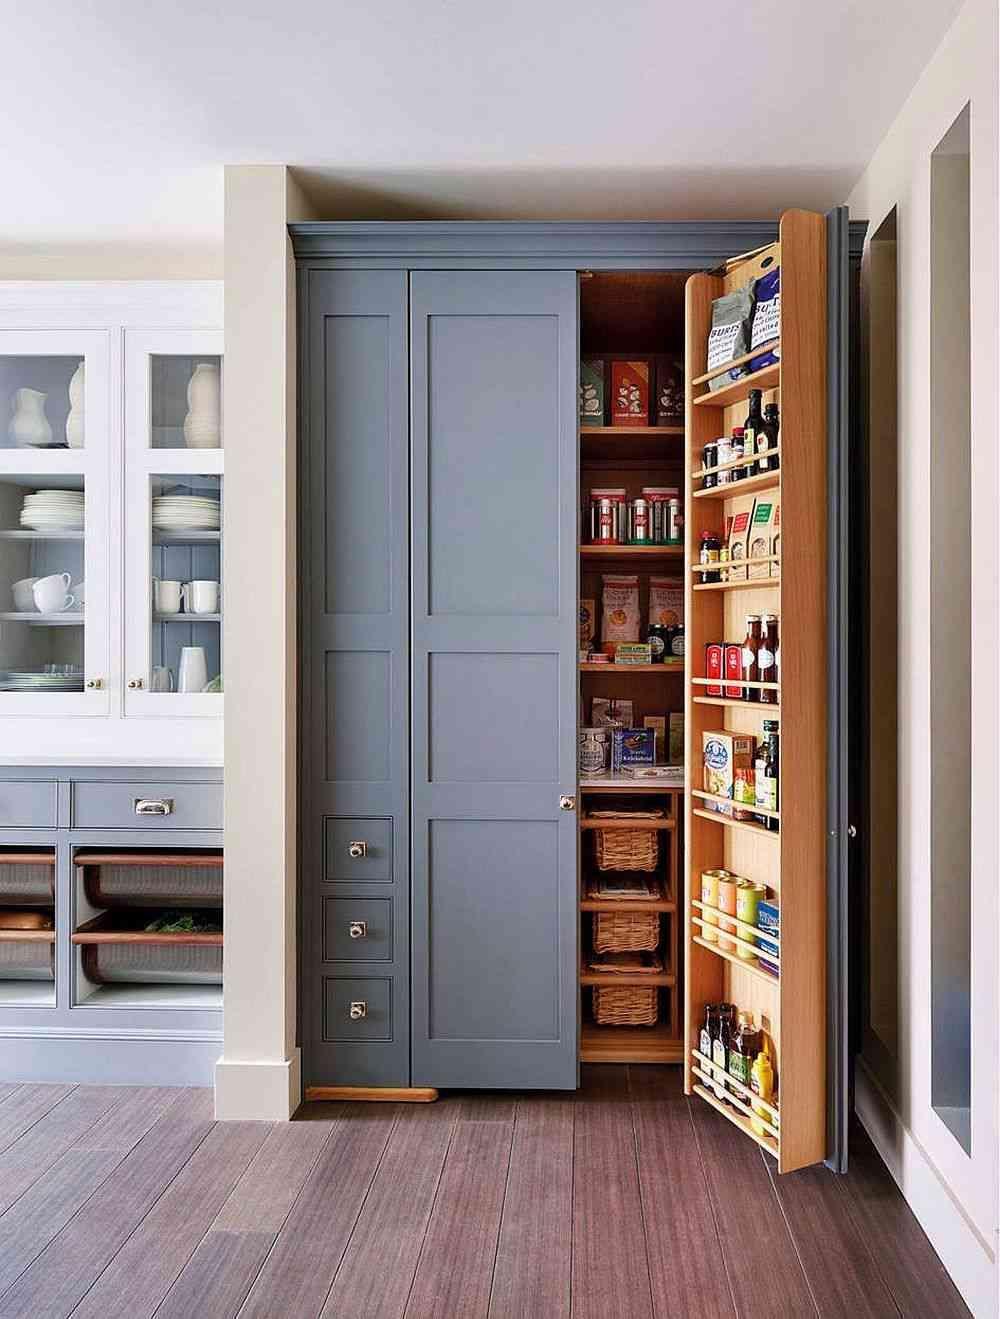 die nutzung der k che ecke mit einer fabelhaften speisekammer mit bl ulich grauen t ren 10. Black Bedroom Furniture Sets. Home Design Ideas